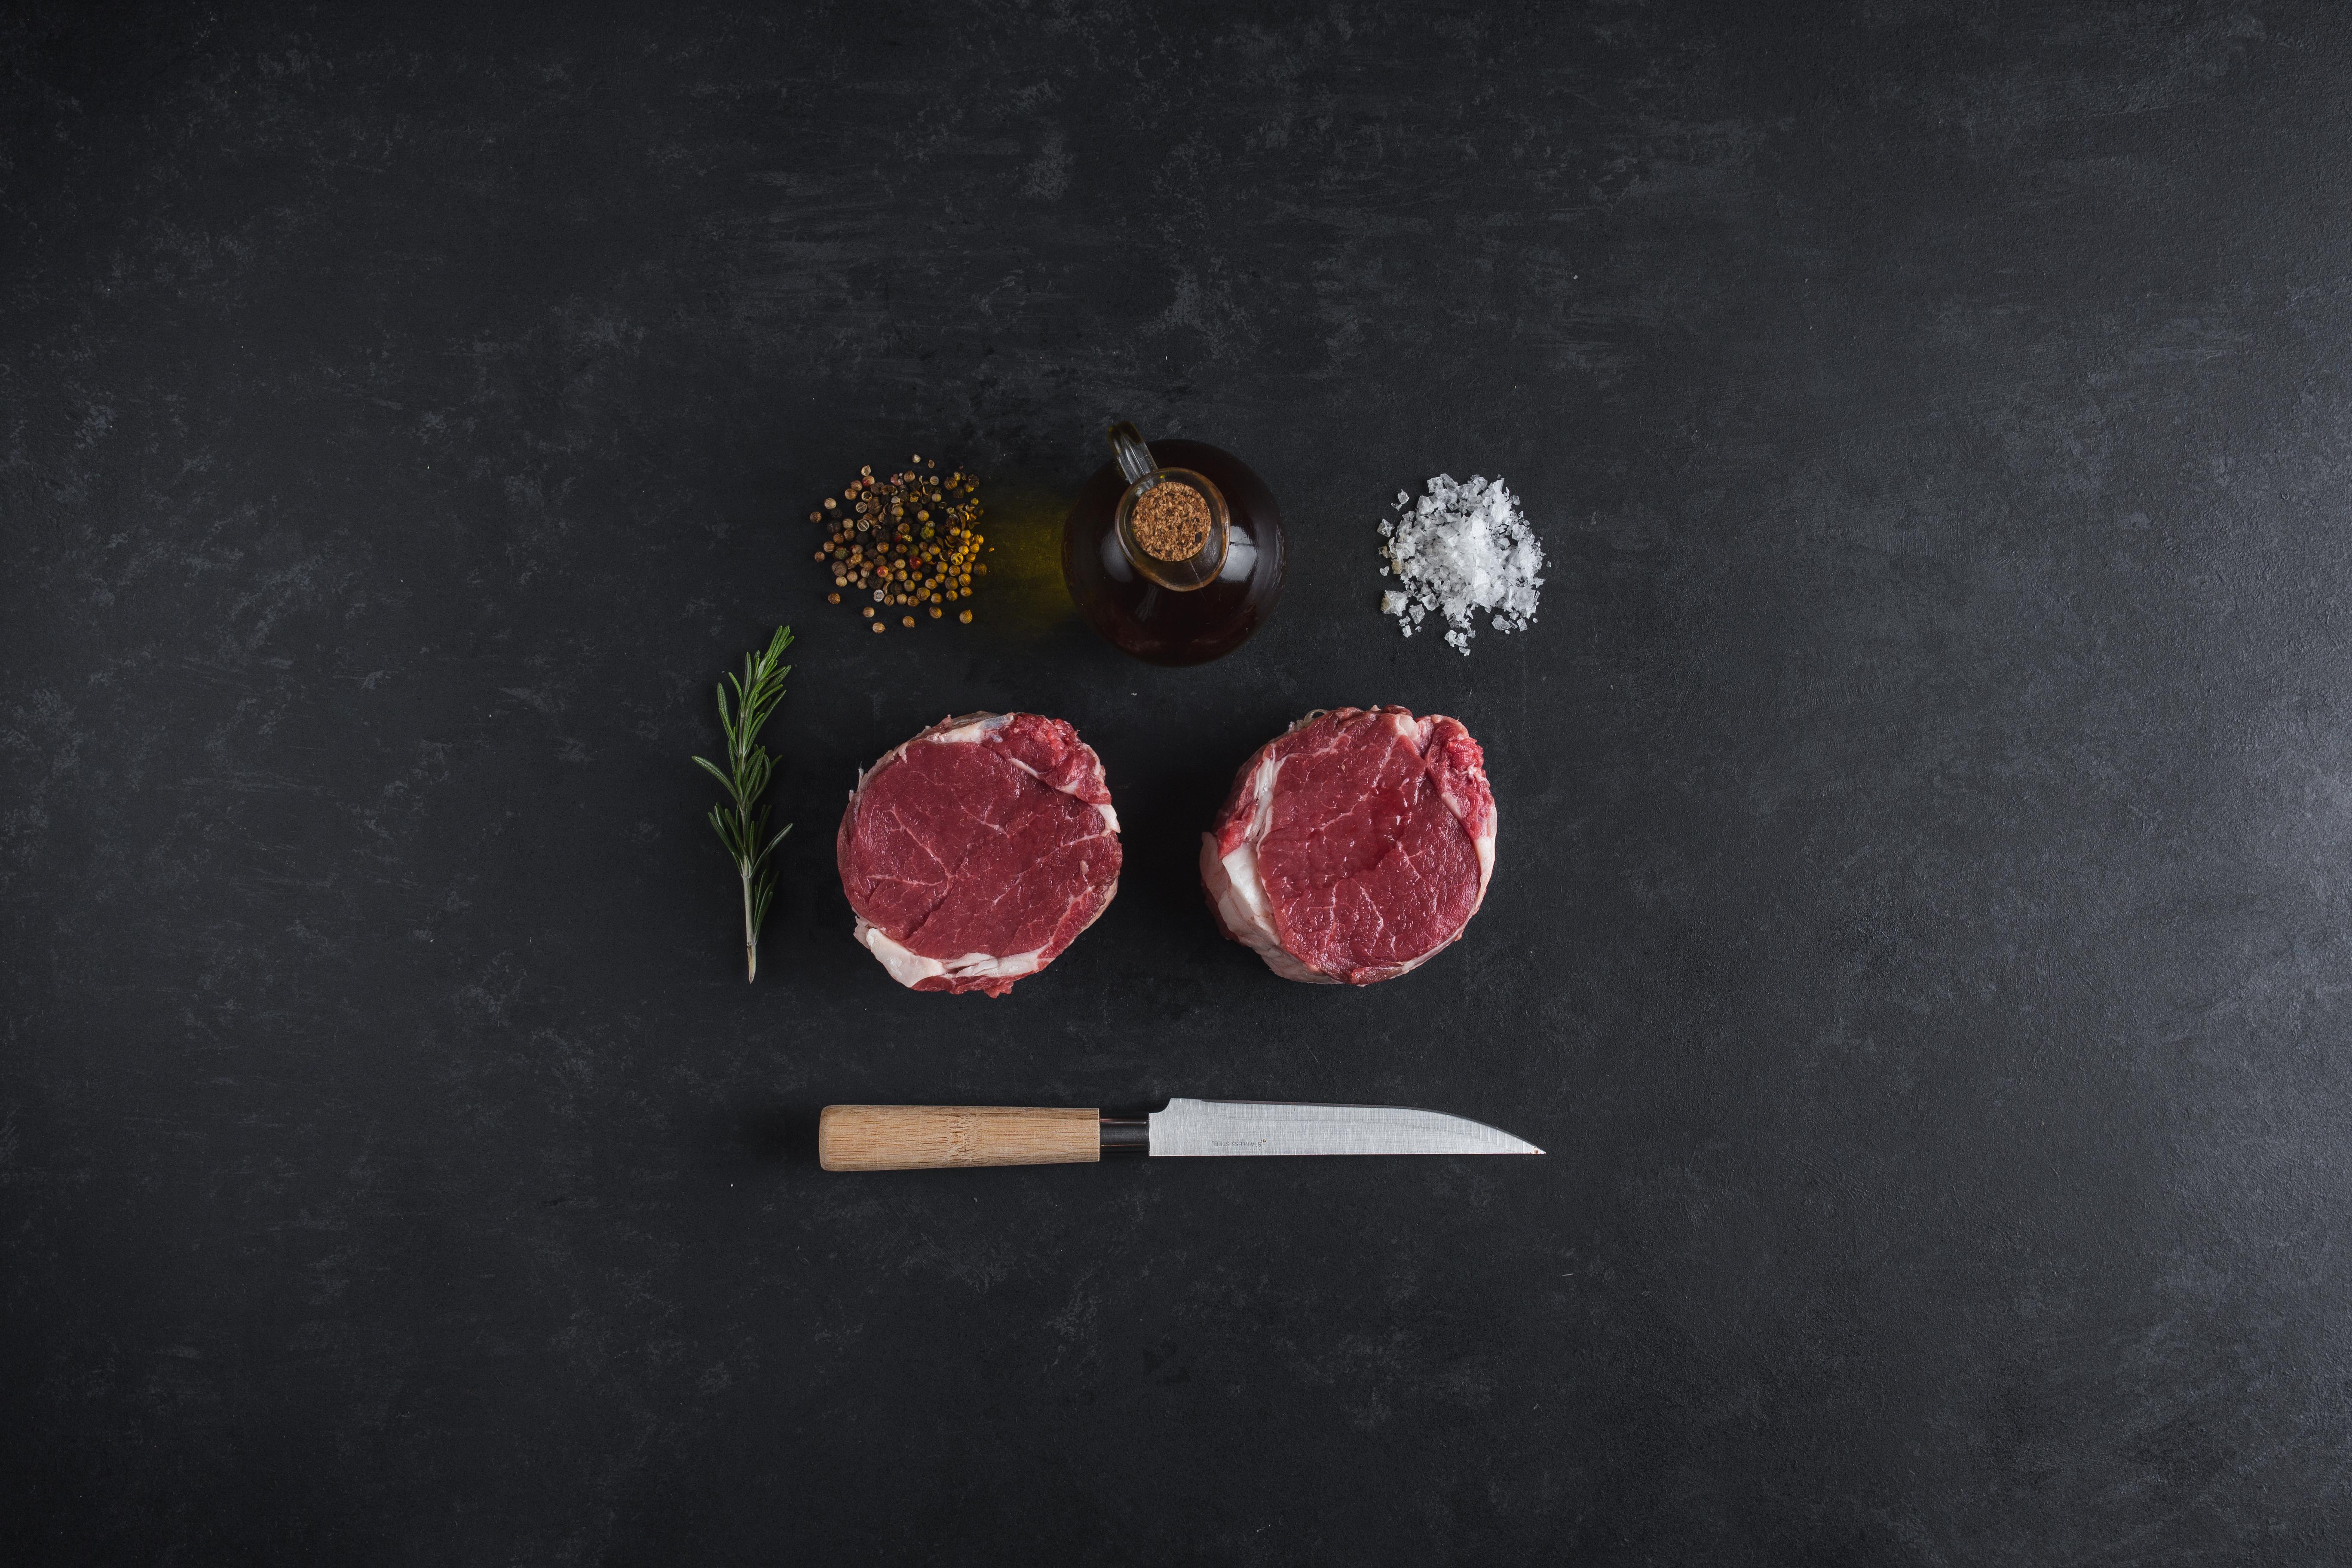 Reconocer una carne de ternera de calidad